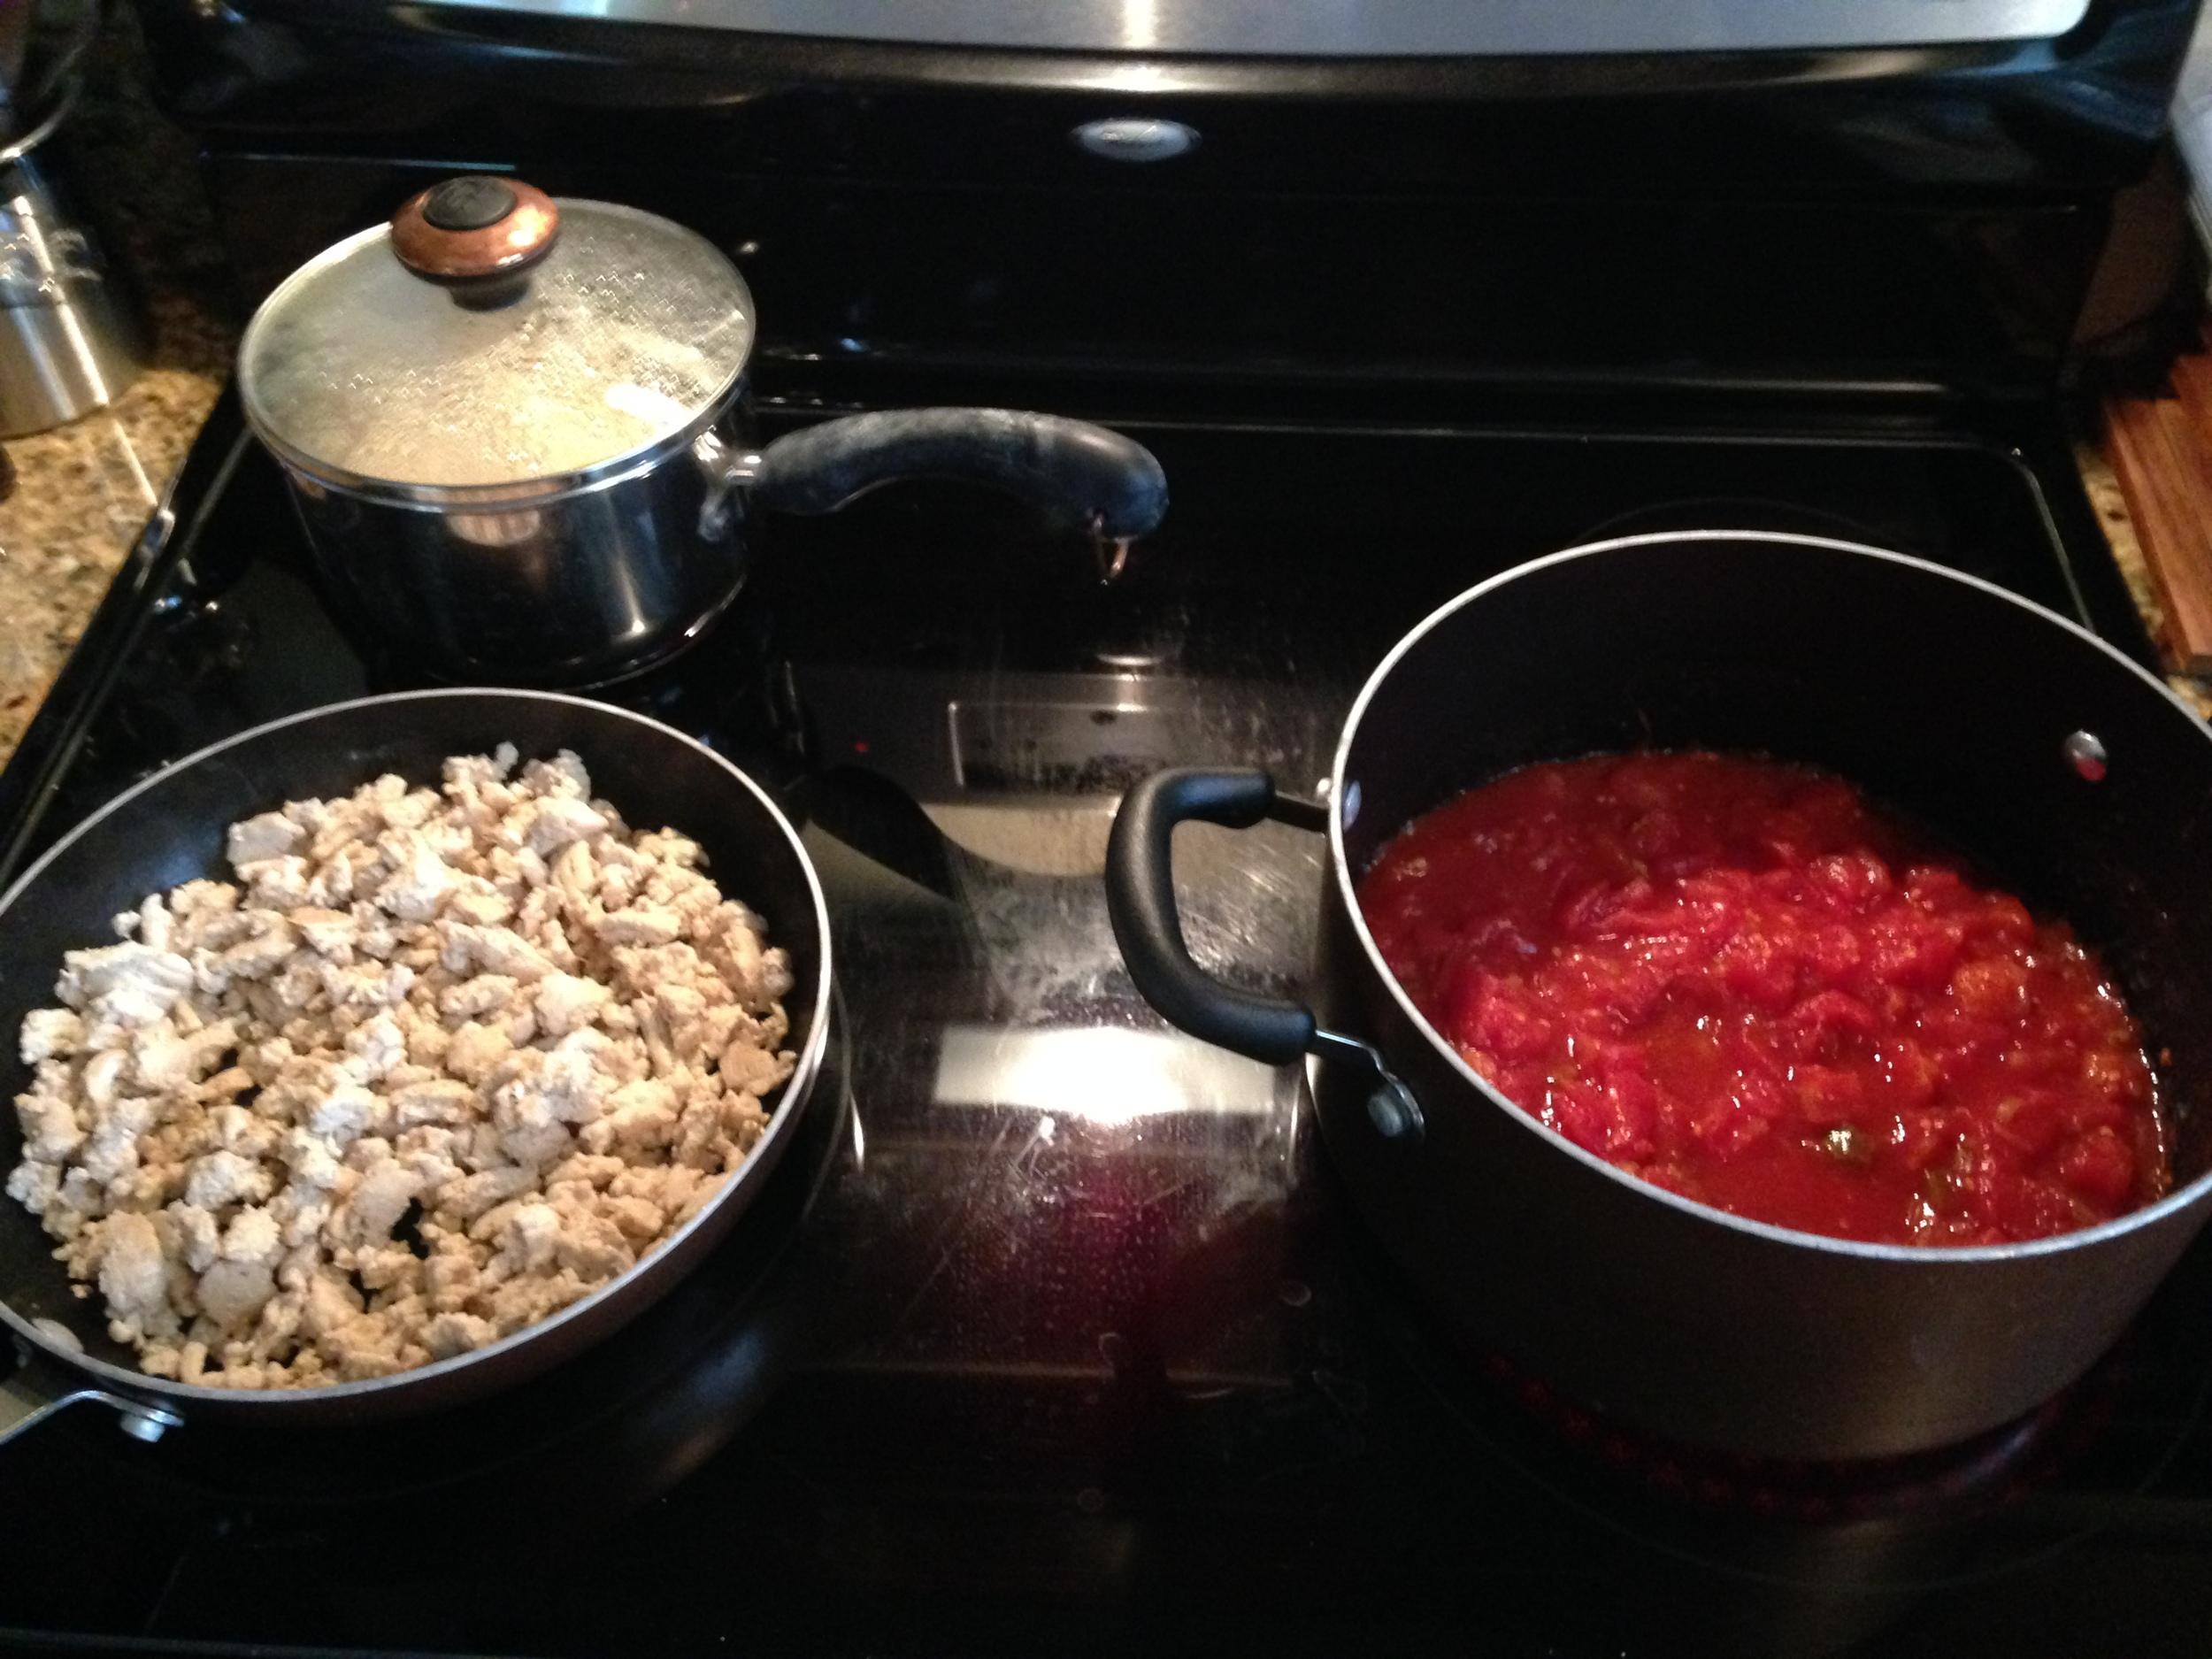 Cooking in progress!